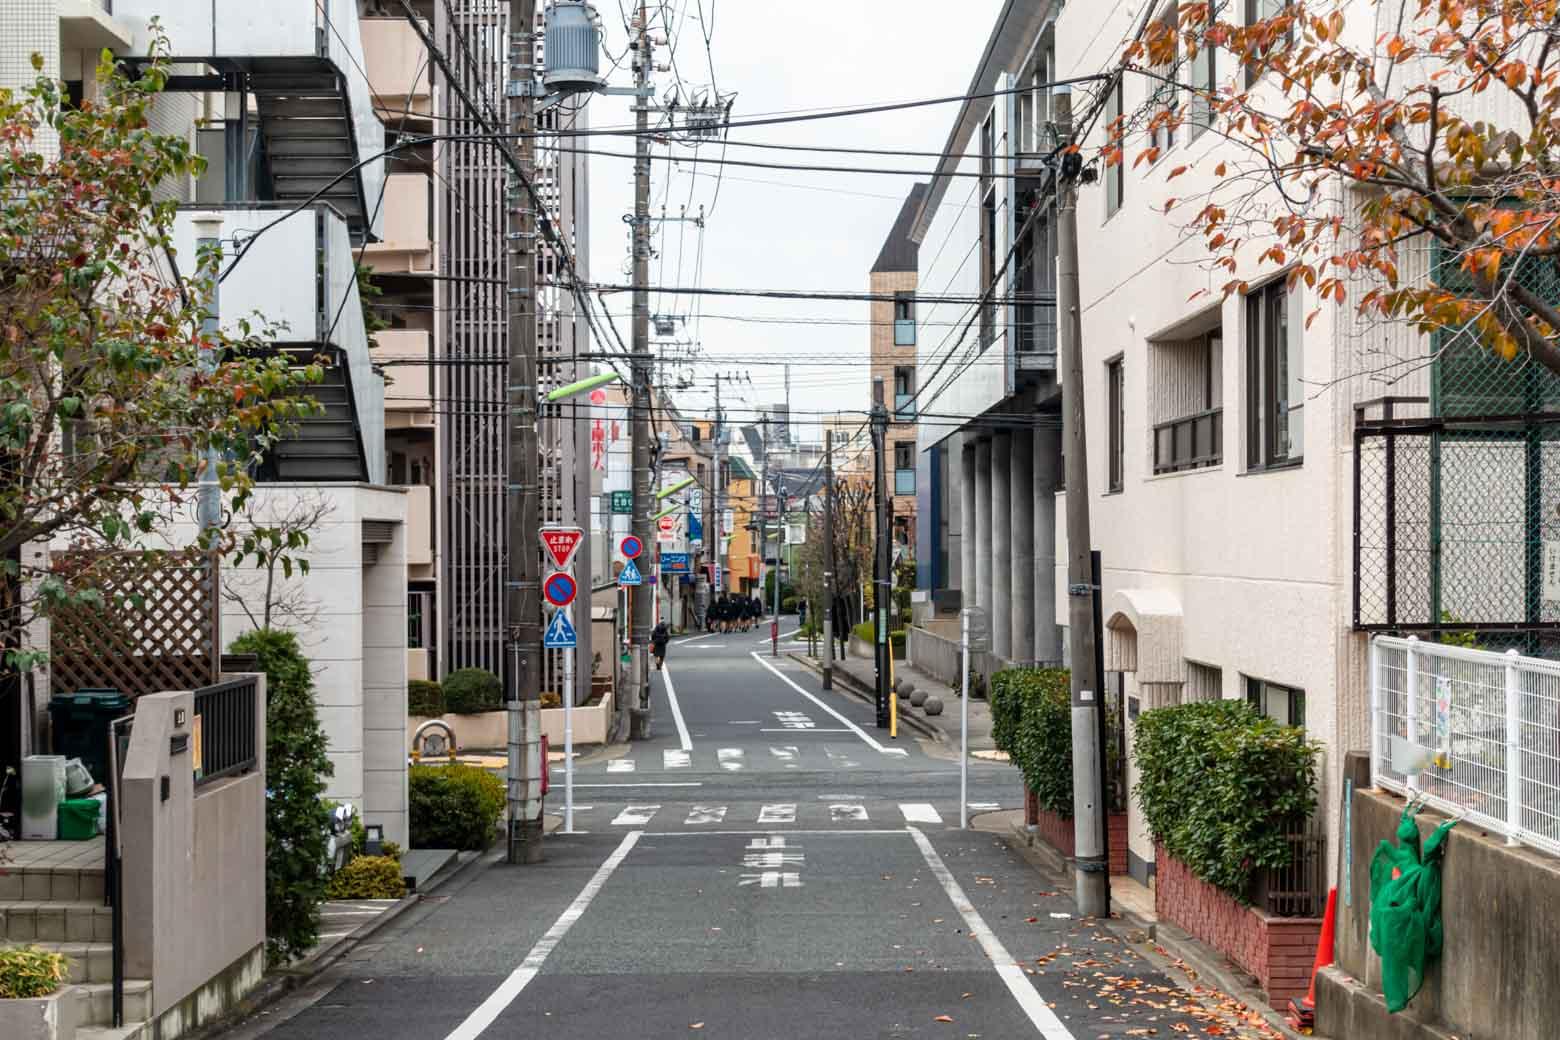 商店街と住宅街の中間という感じの町を歩いていくと……